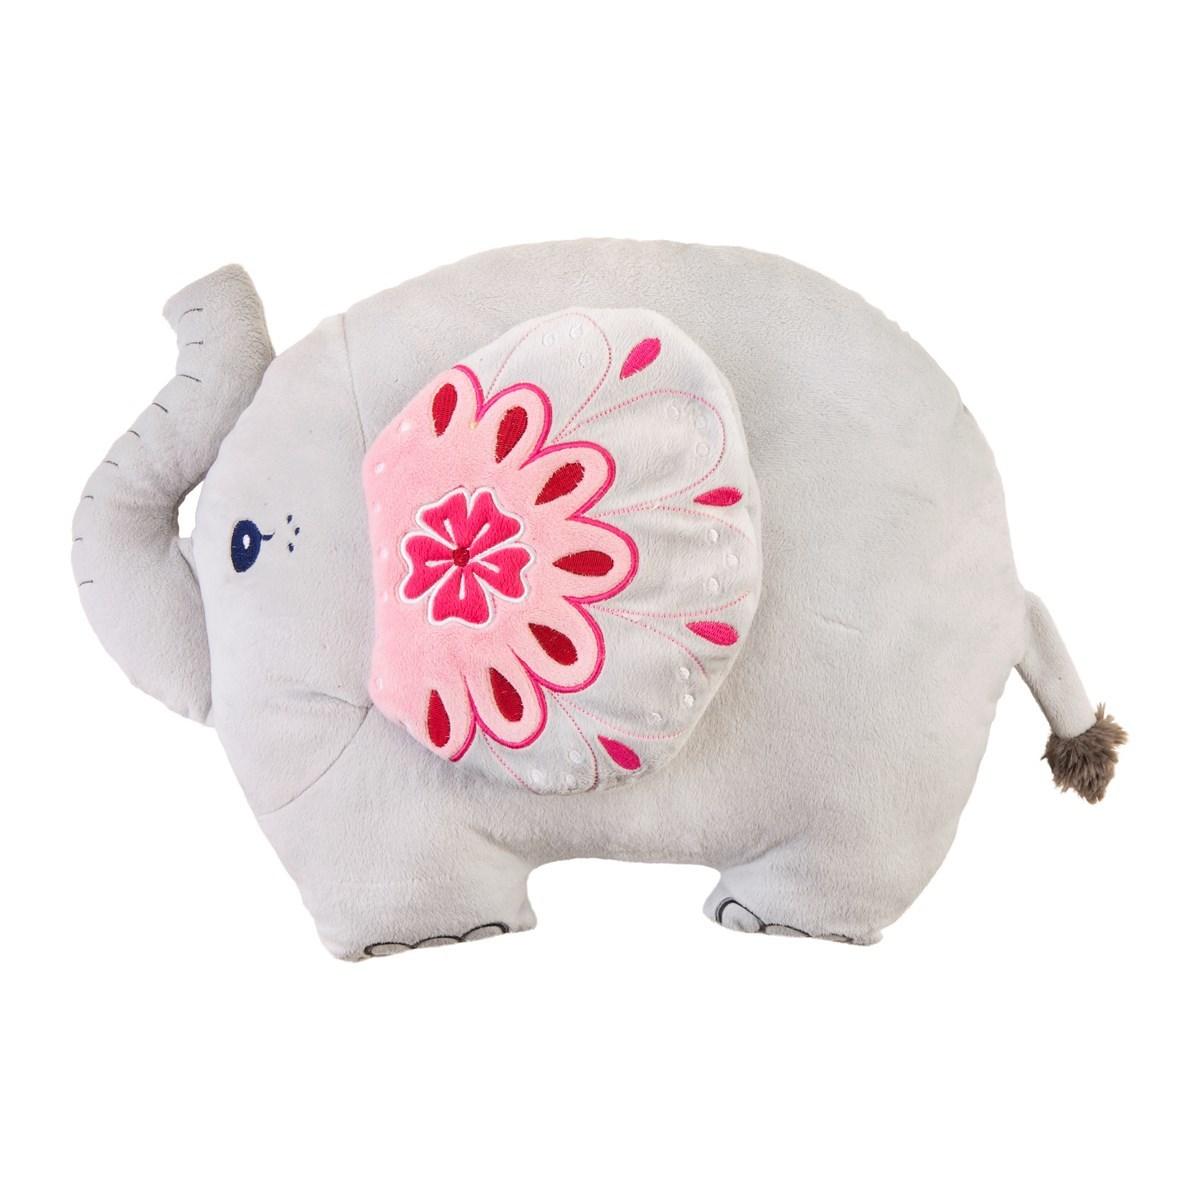 Mandala Elephant Cushion image